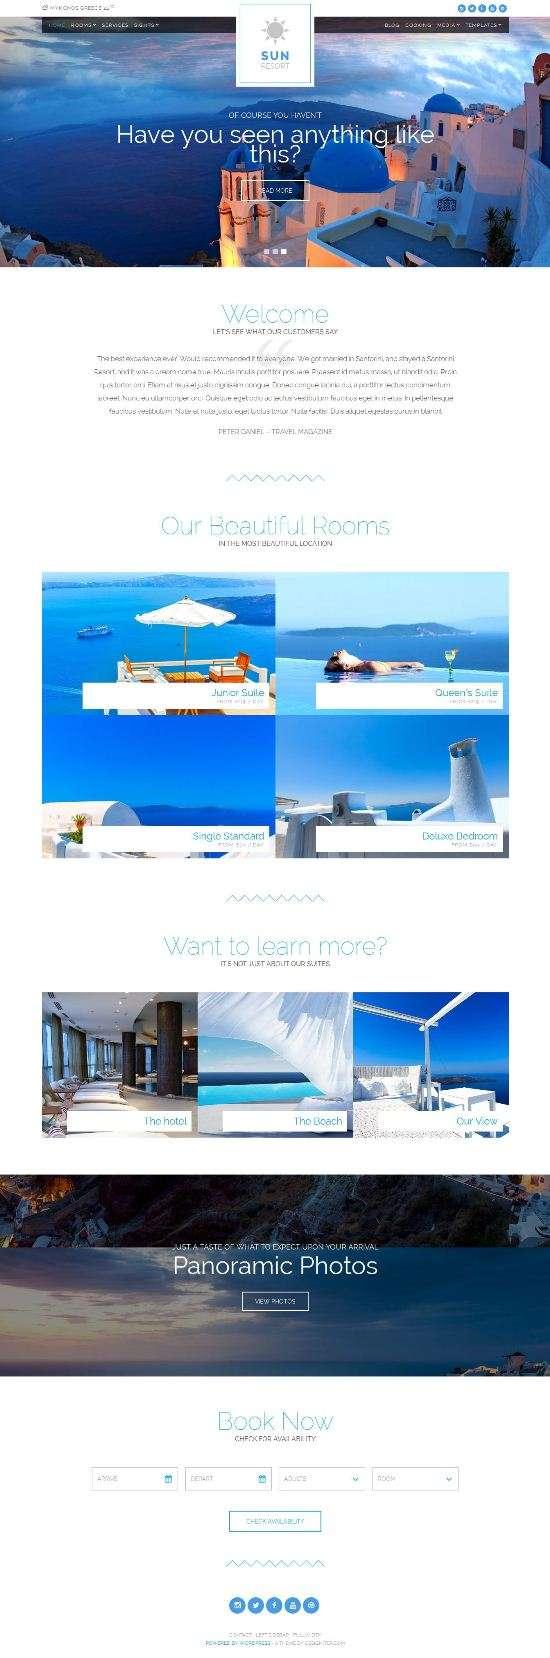 sun resort cssigniter hotel booking theme 01 - Sun Resort WordPress Theme